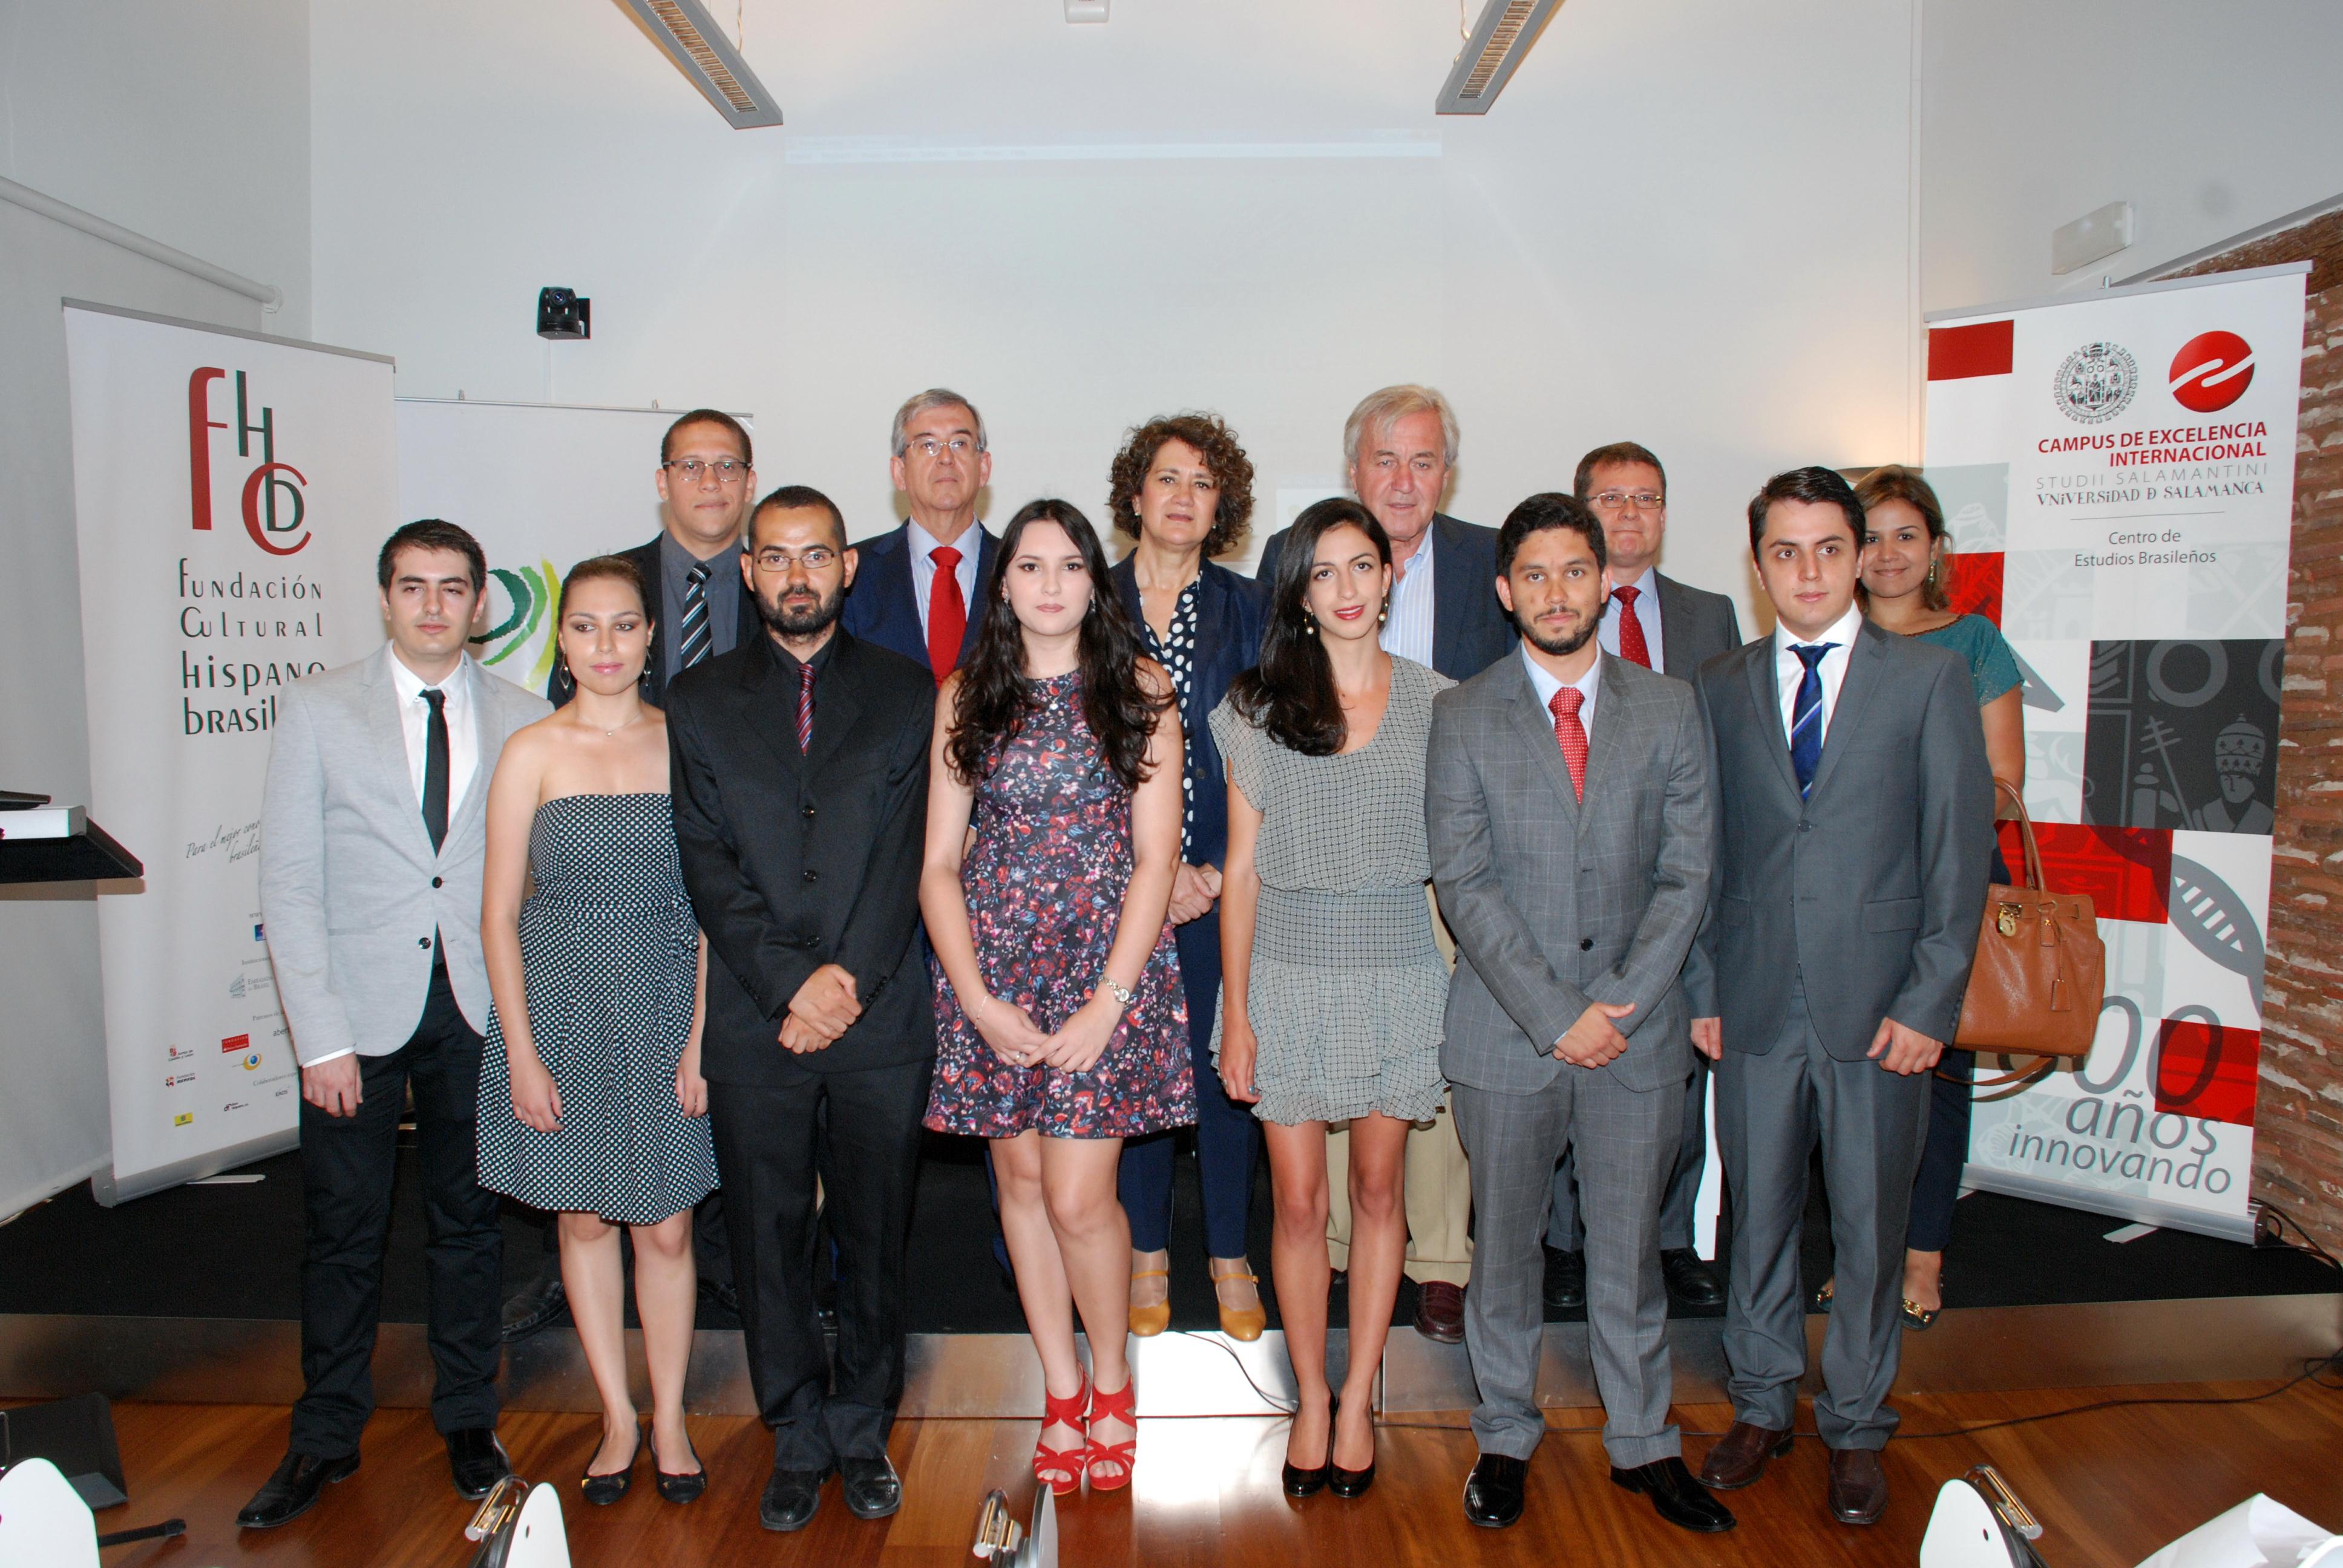 El Centro de Estudios Brasileños acoge el acto de entrega de bandas a los estudiantes del programa PROUNI